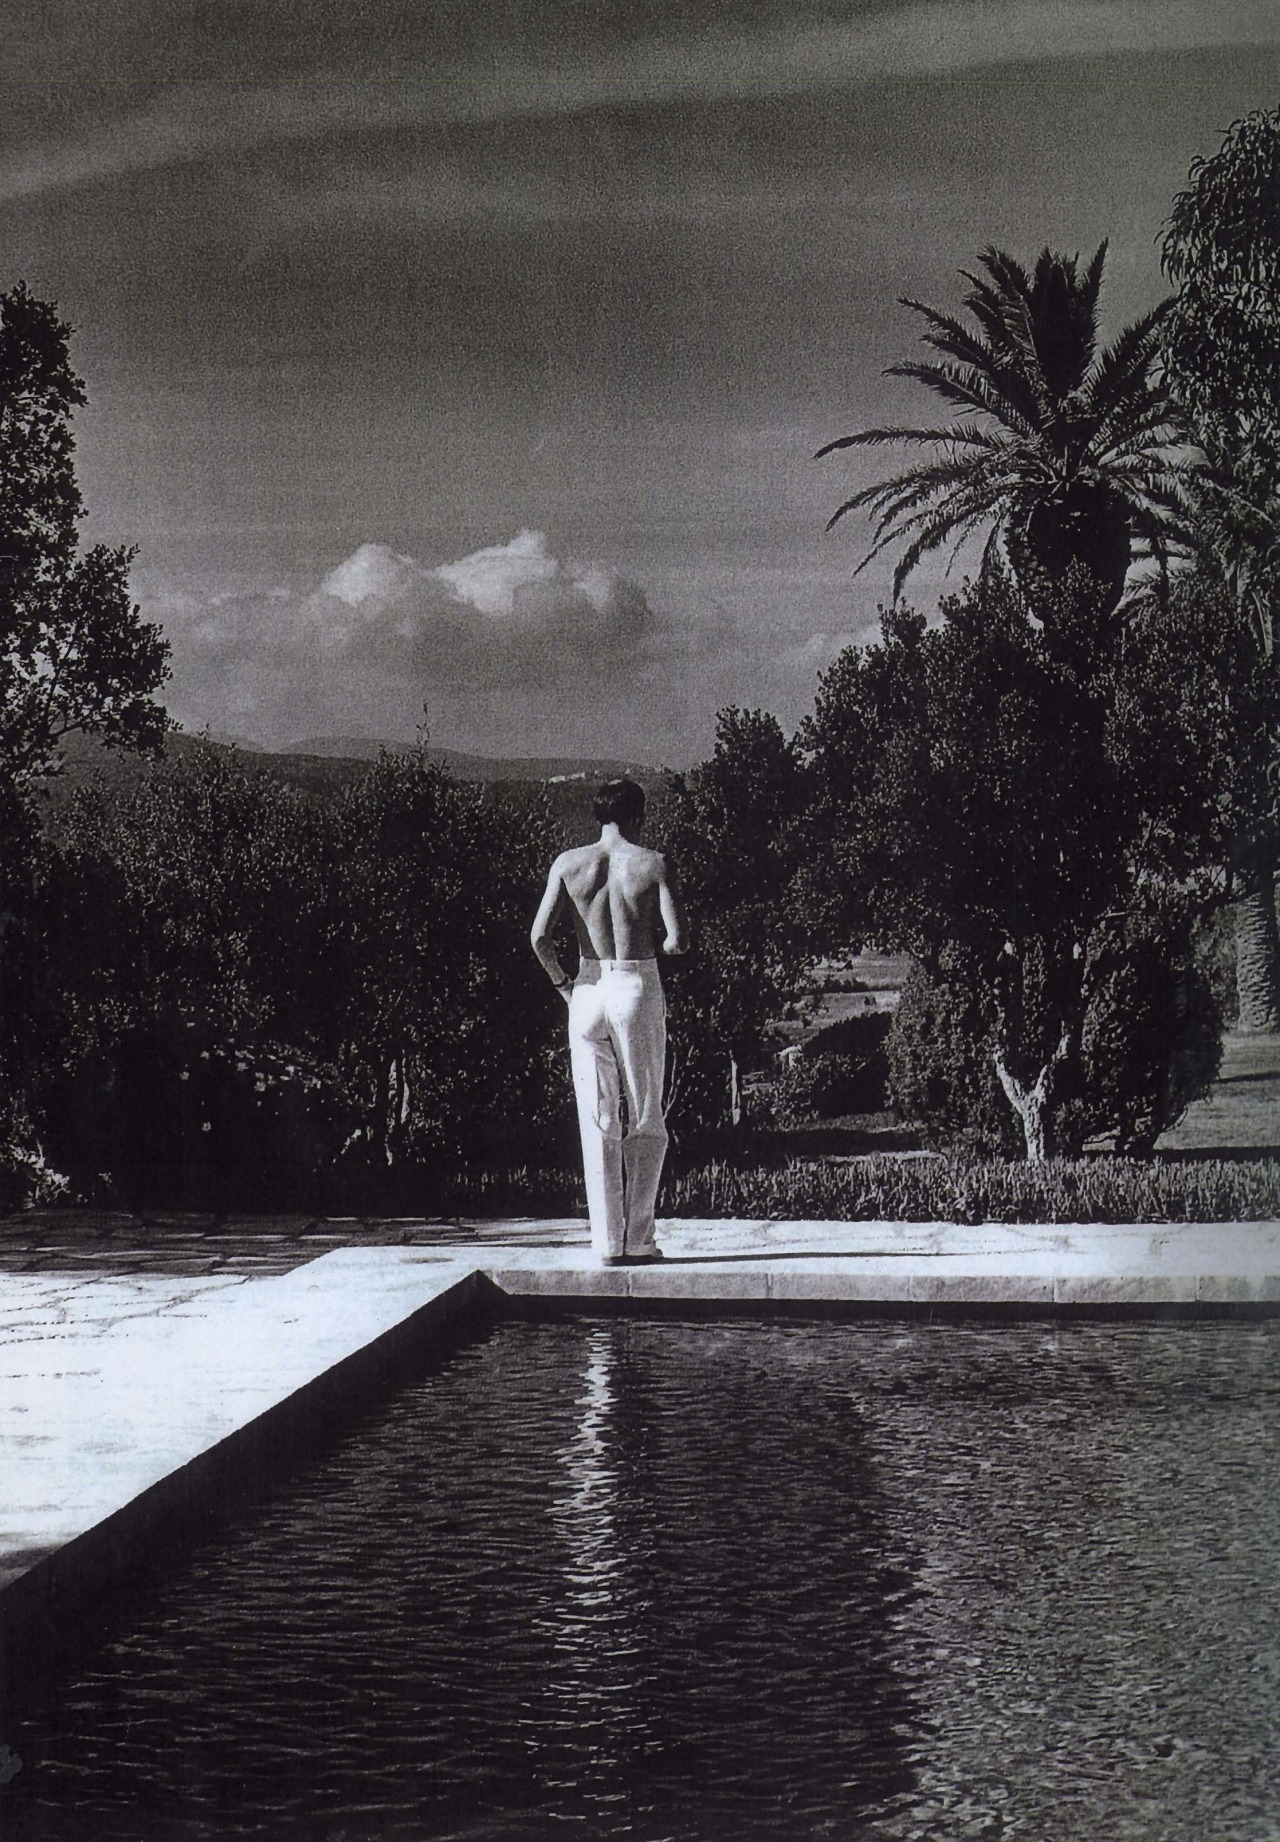 Photography: Helmut Newton | Pool Boy